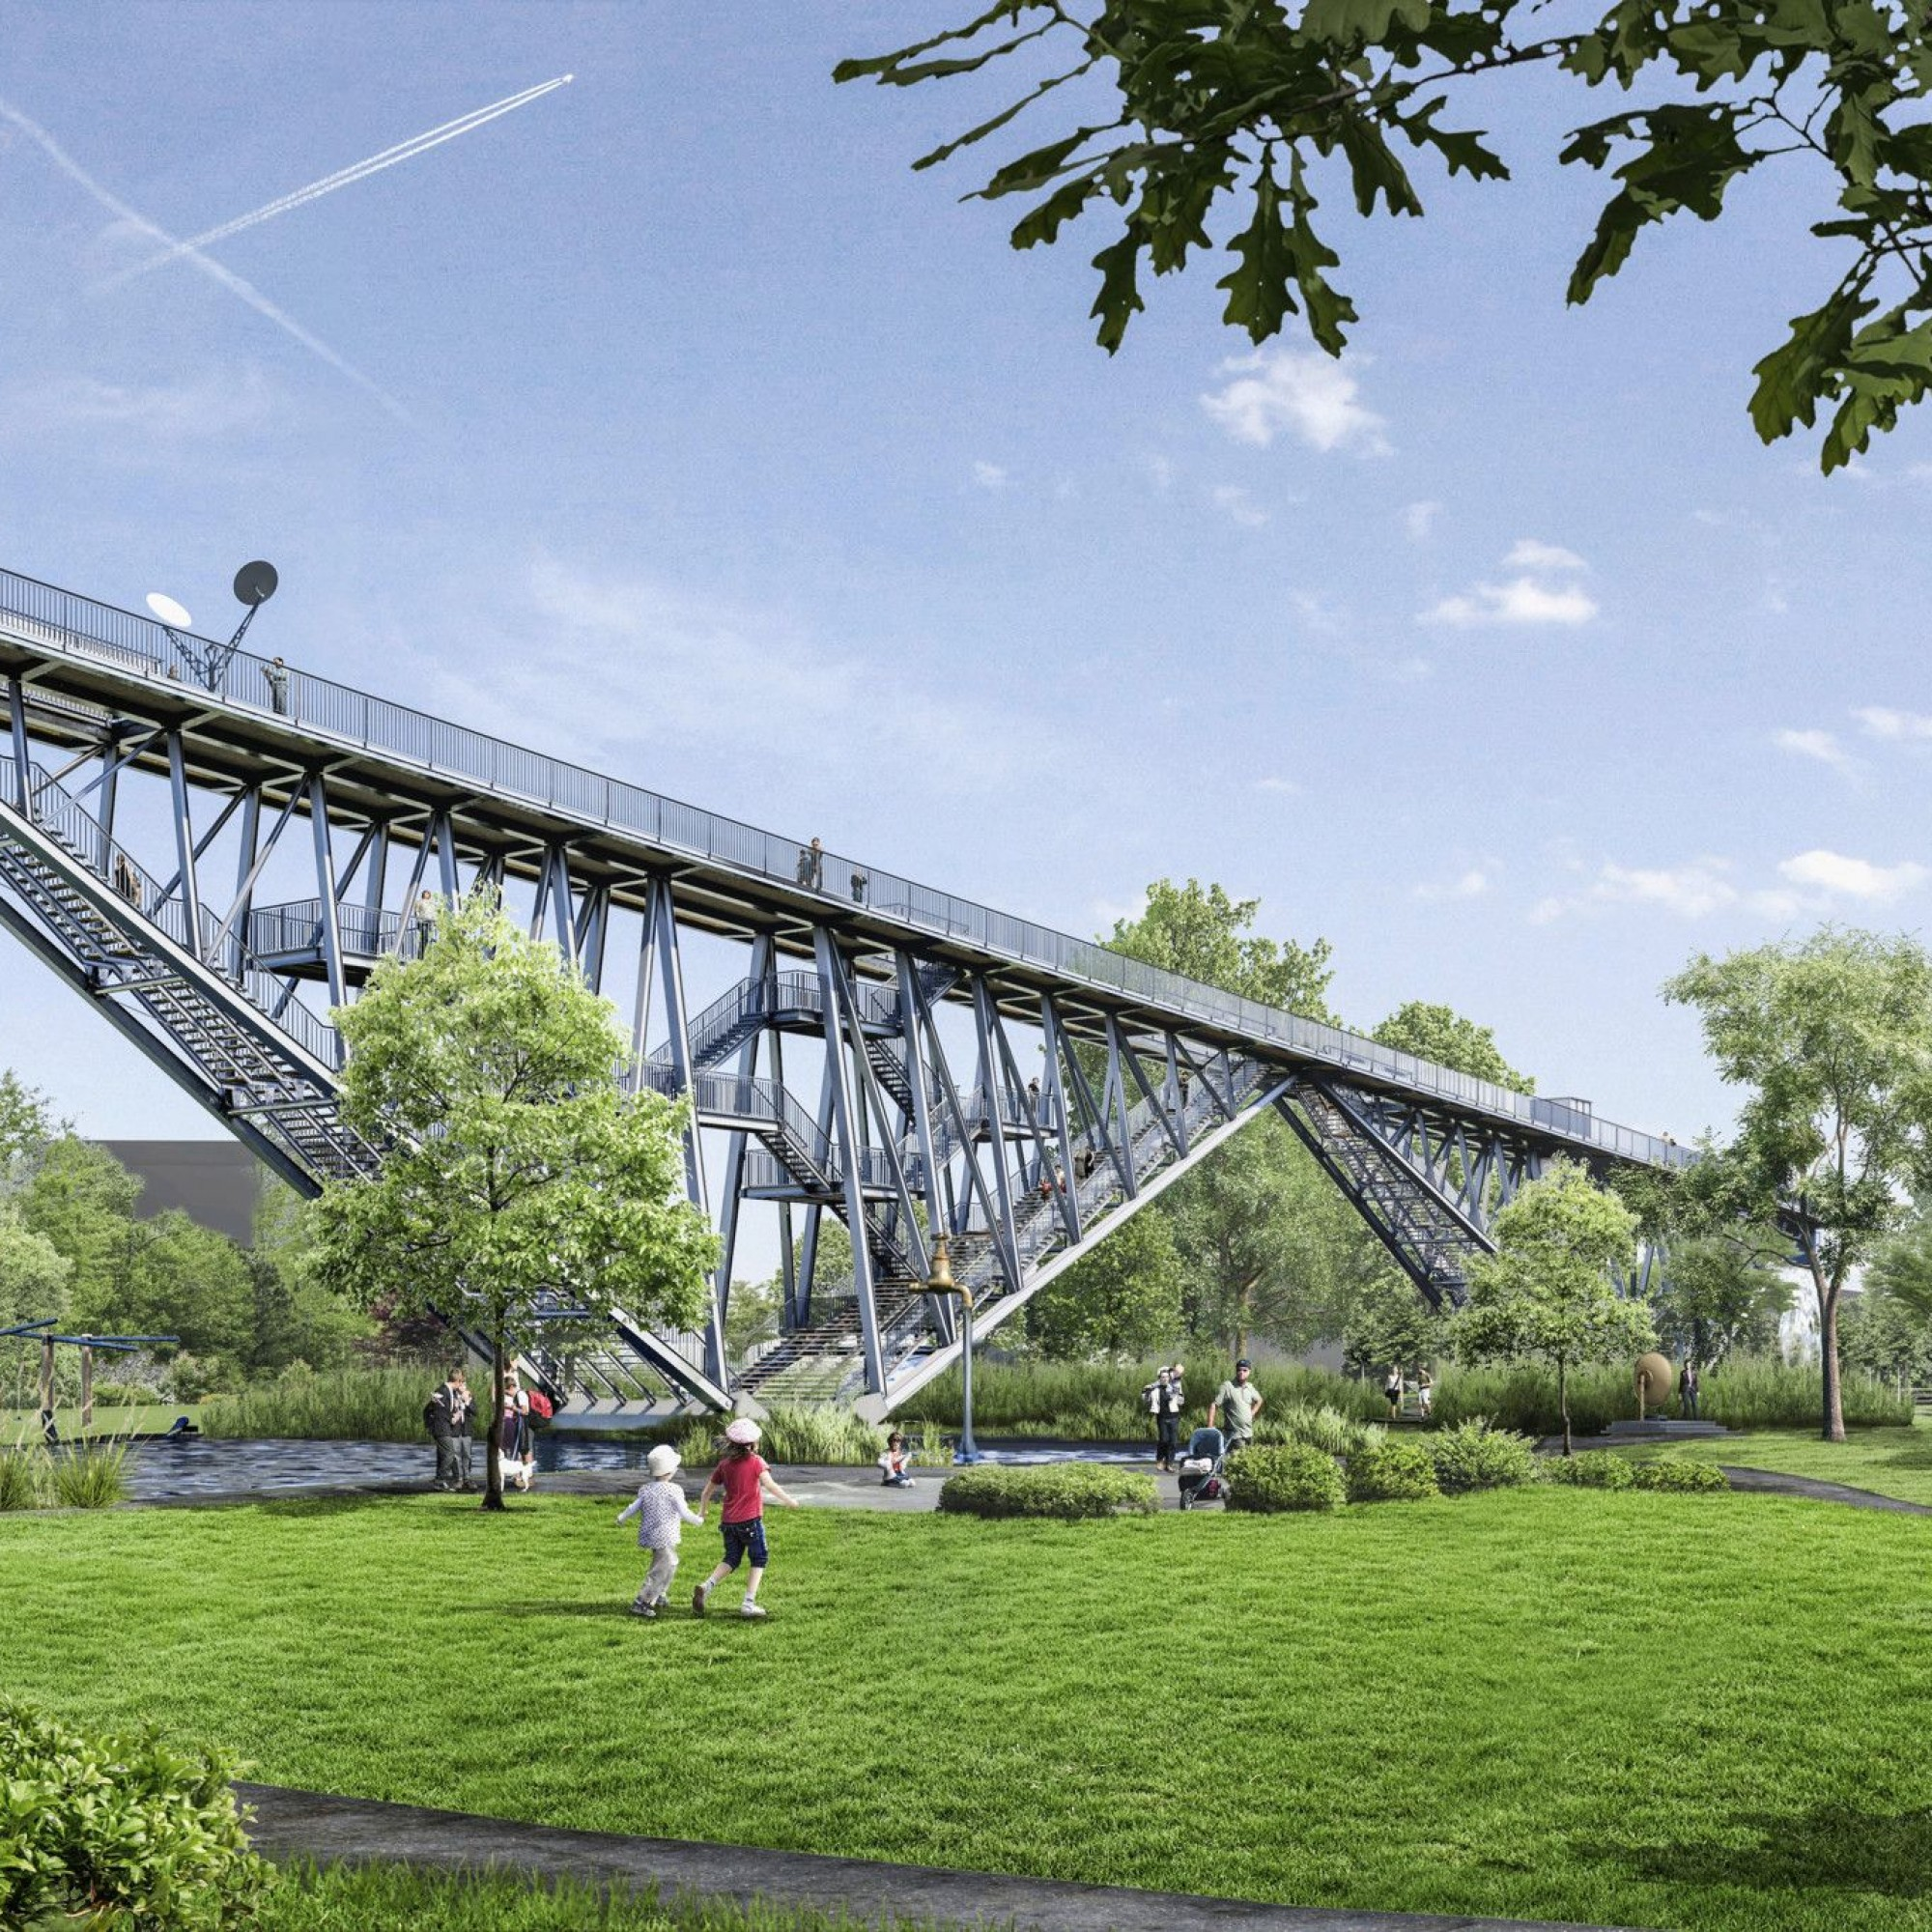 Visualisierung der Wunderbrücke im Technorama-Park